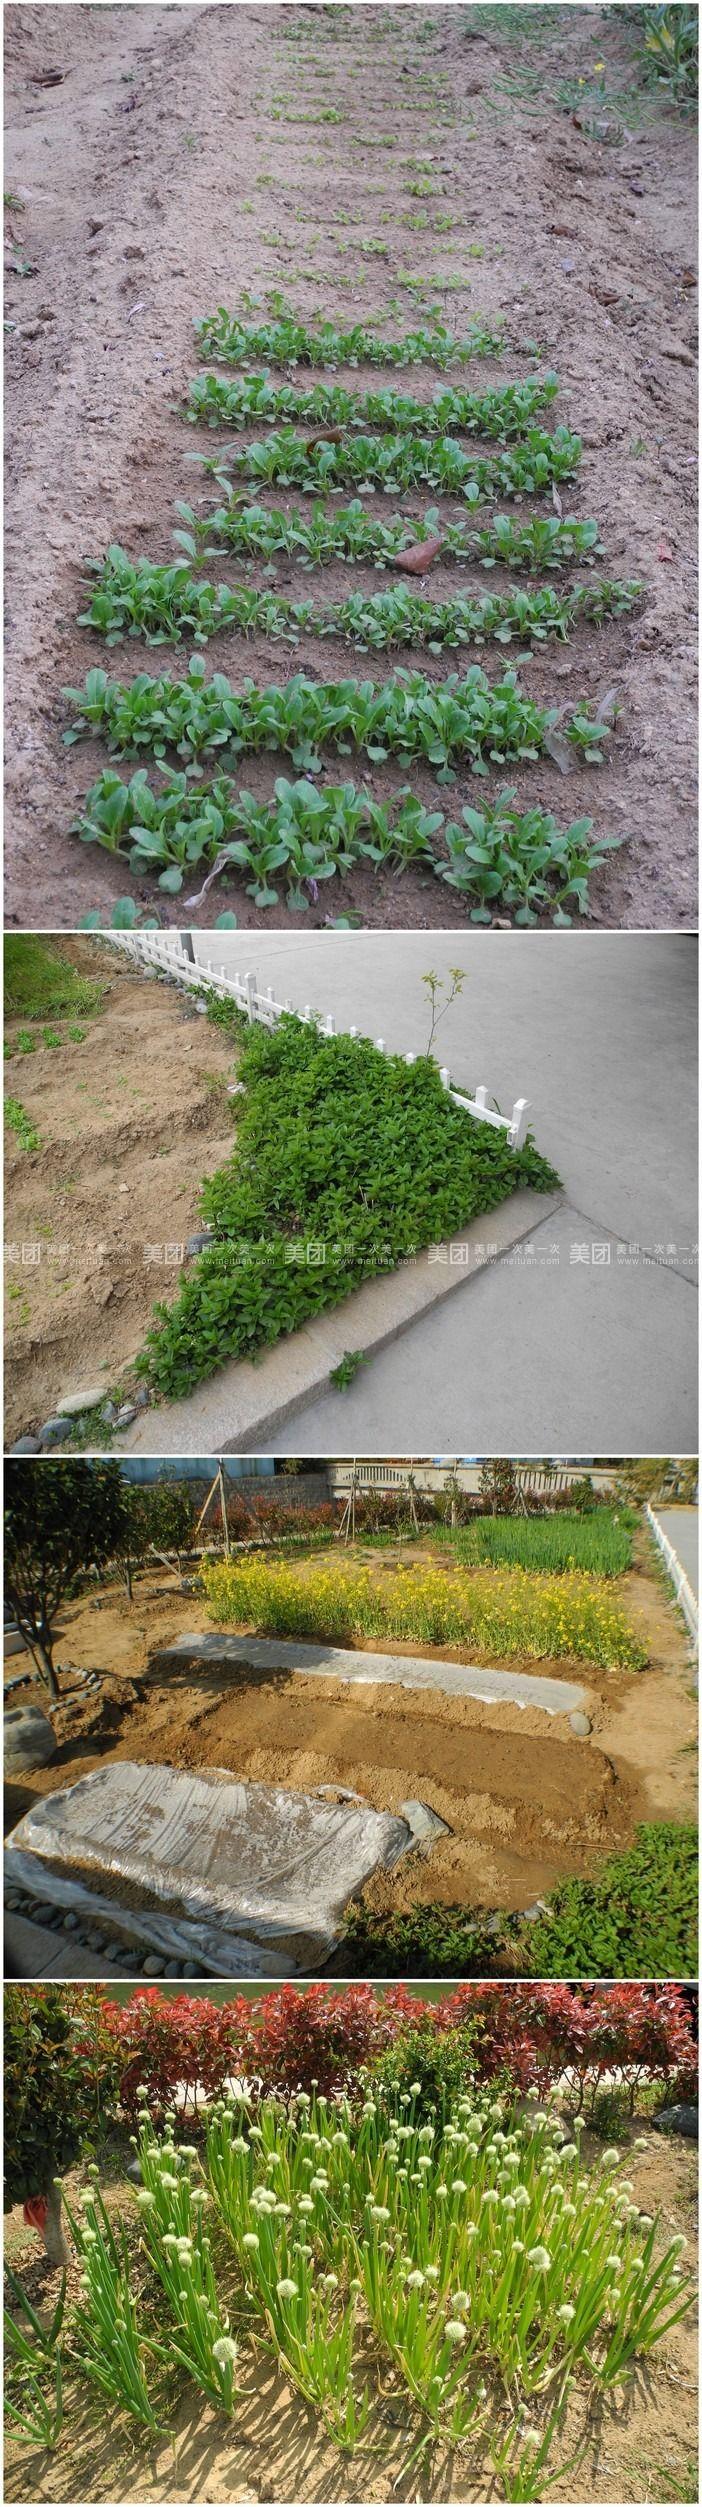 美食团购 鲁菜/北京菜 崂山区 崂山风景区 贵宾农家宴